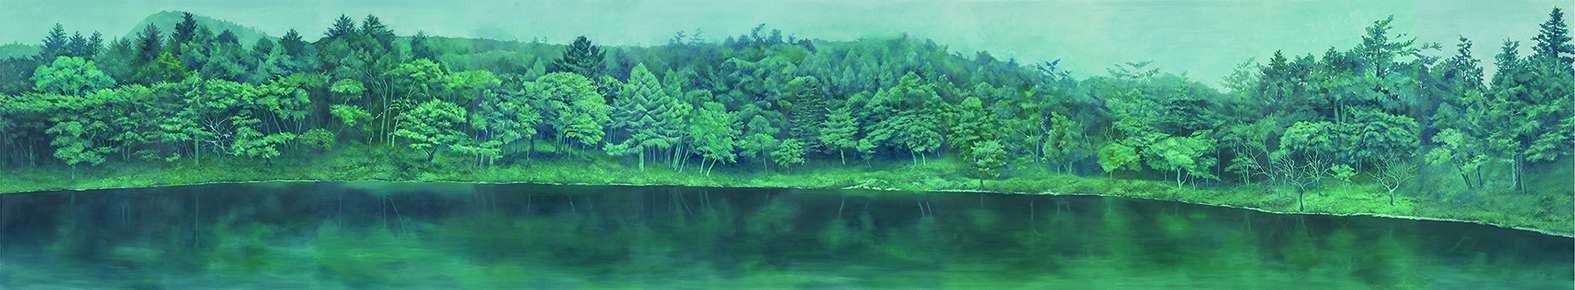 一の池ノ図 原画合成 写真:小嶋三樹